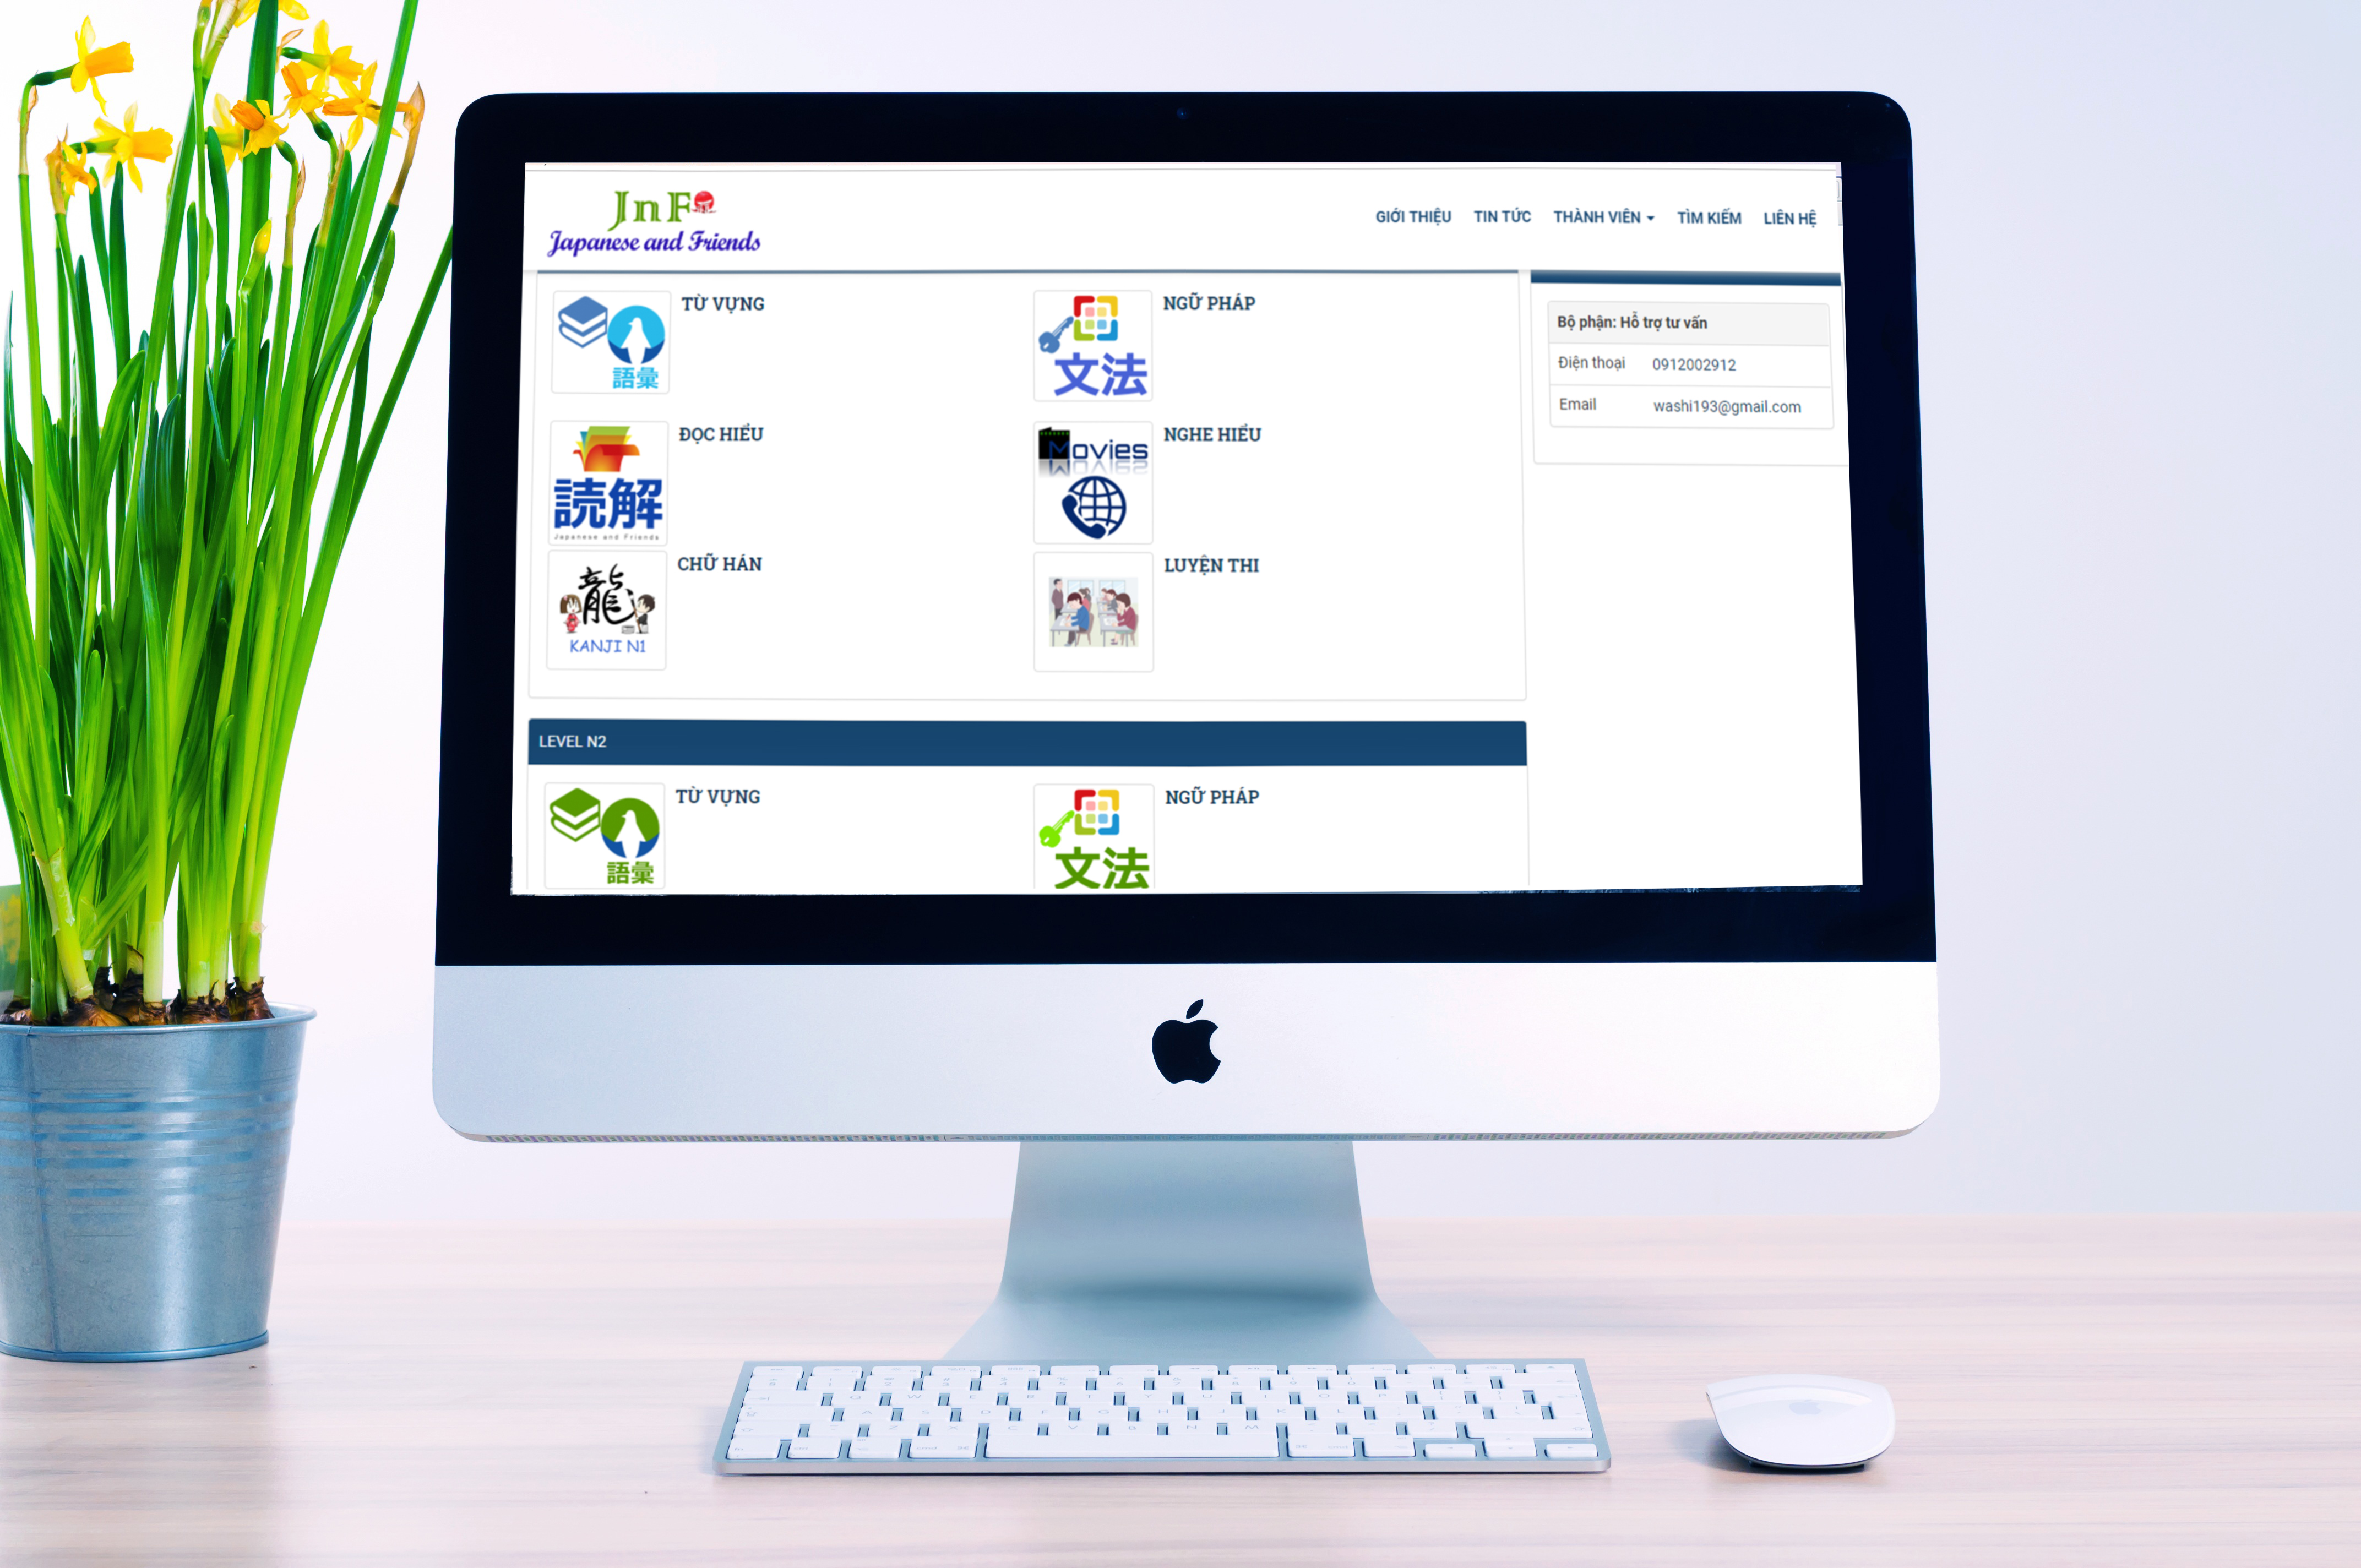 Website jpnfriend.net ra đời là kết quả của quá trình hợp tác giữa JNF và đơn vị thiết kế website TDFOSS